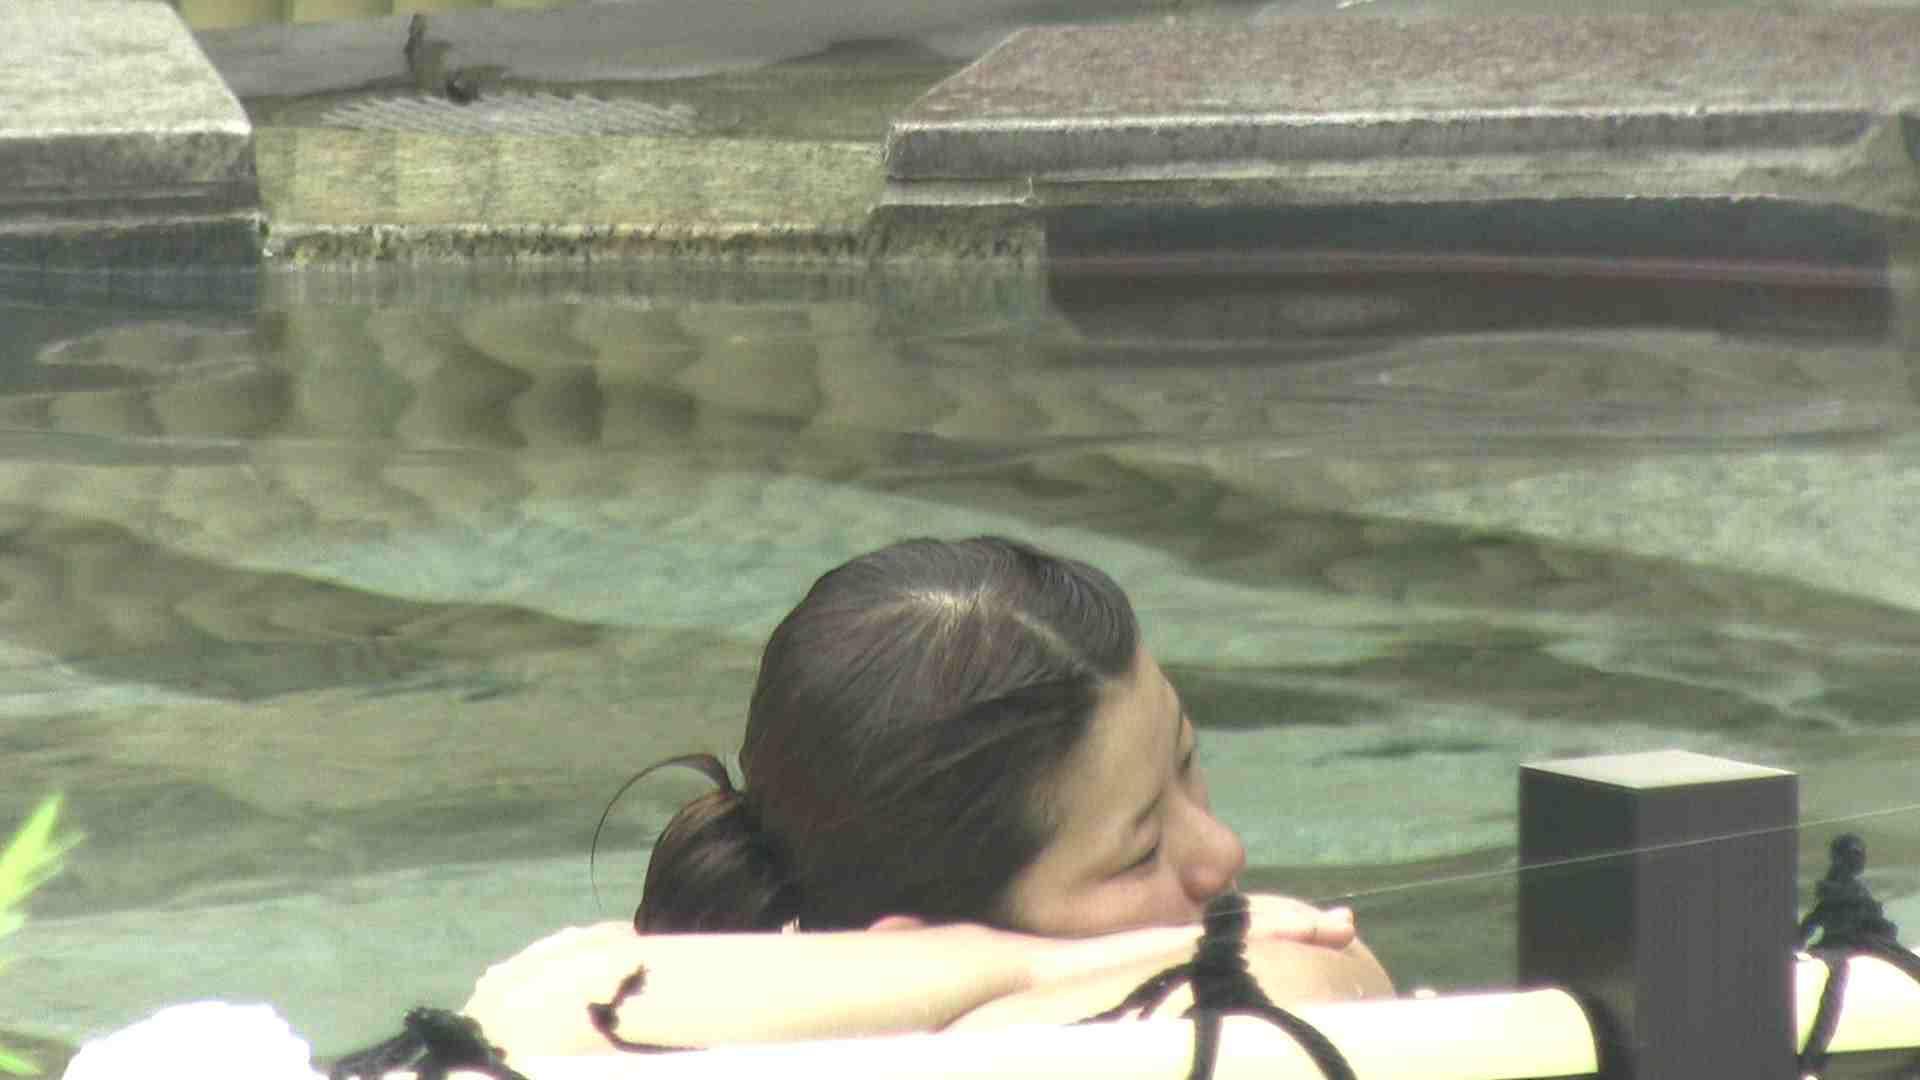 Aquaな露天風呂Vol.19【VIP】 美しいOLの裸体   盗撮師作品  106pic 31